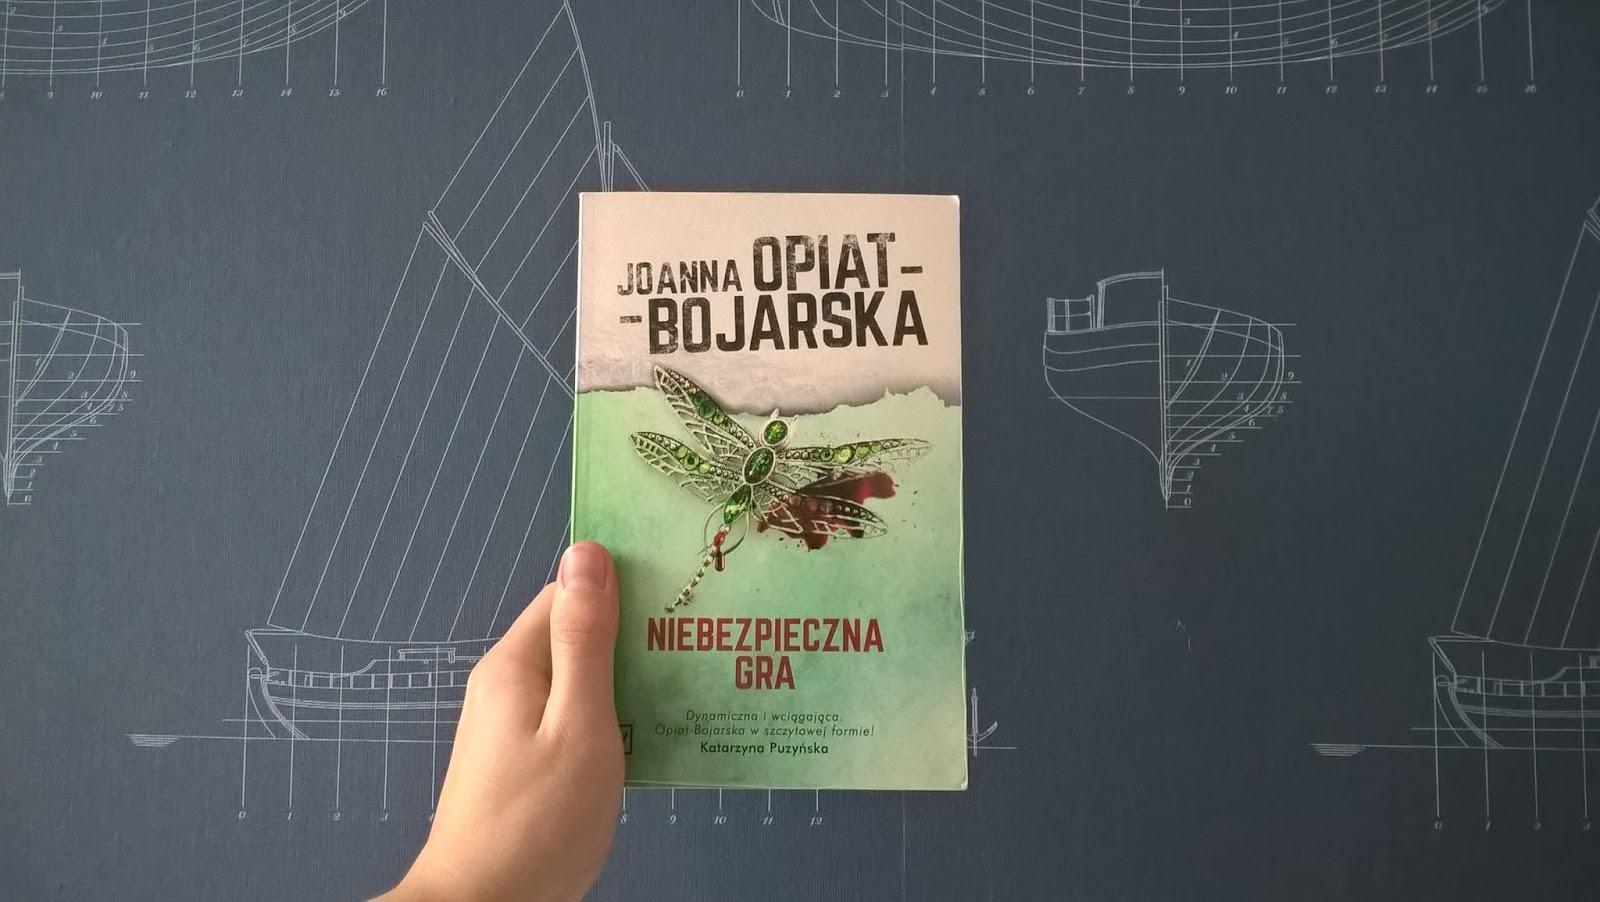 """Recenzja #9 """"Niebezpieczna gra"""" -  Joanna Opiat - Bojarska"""